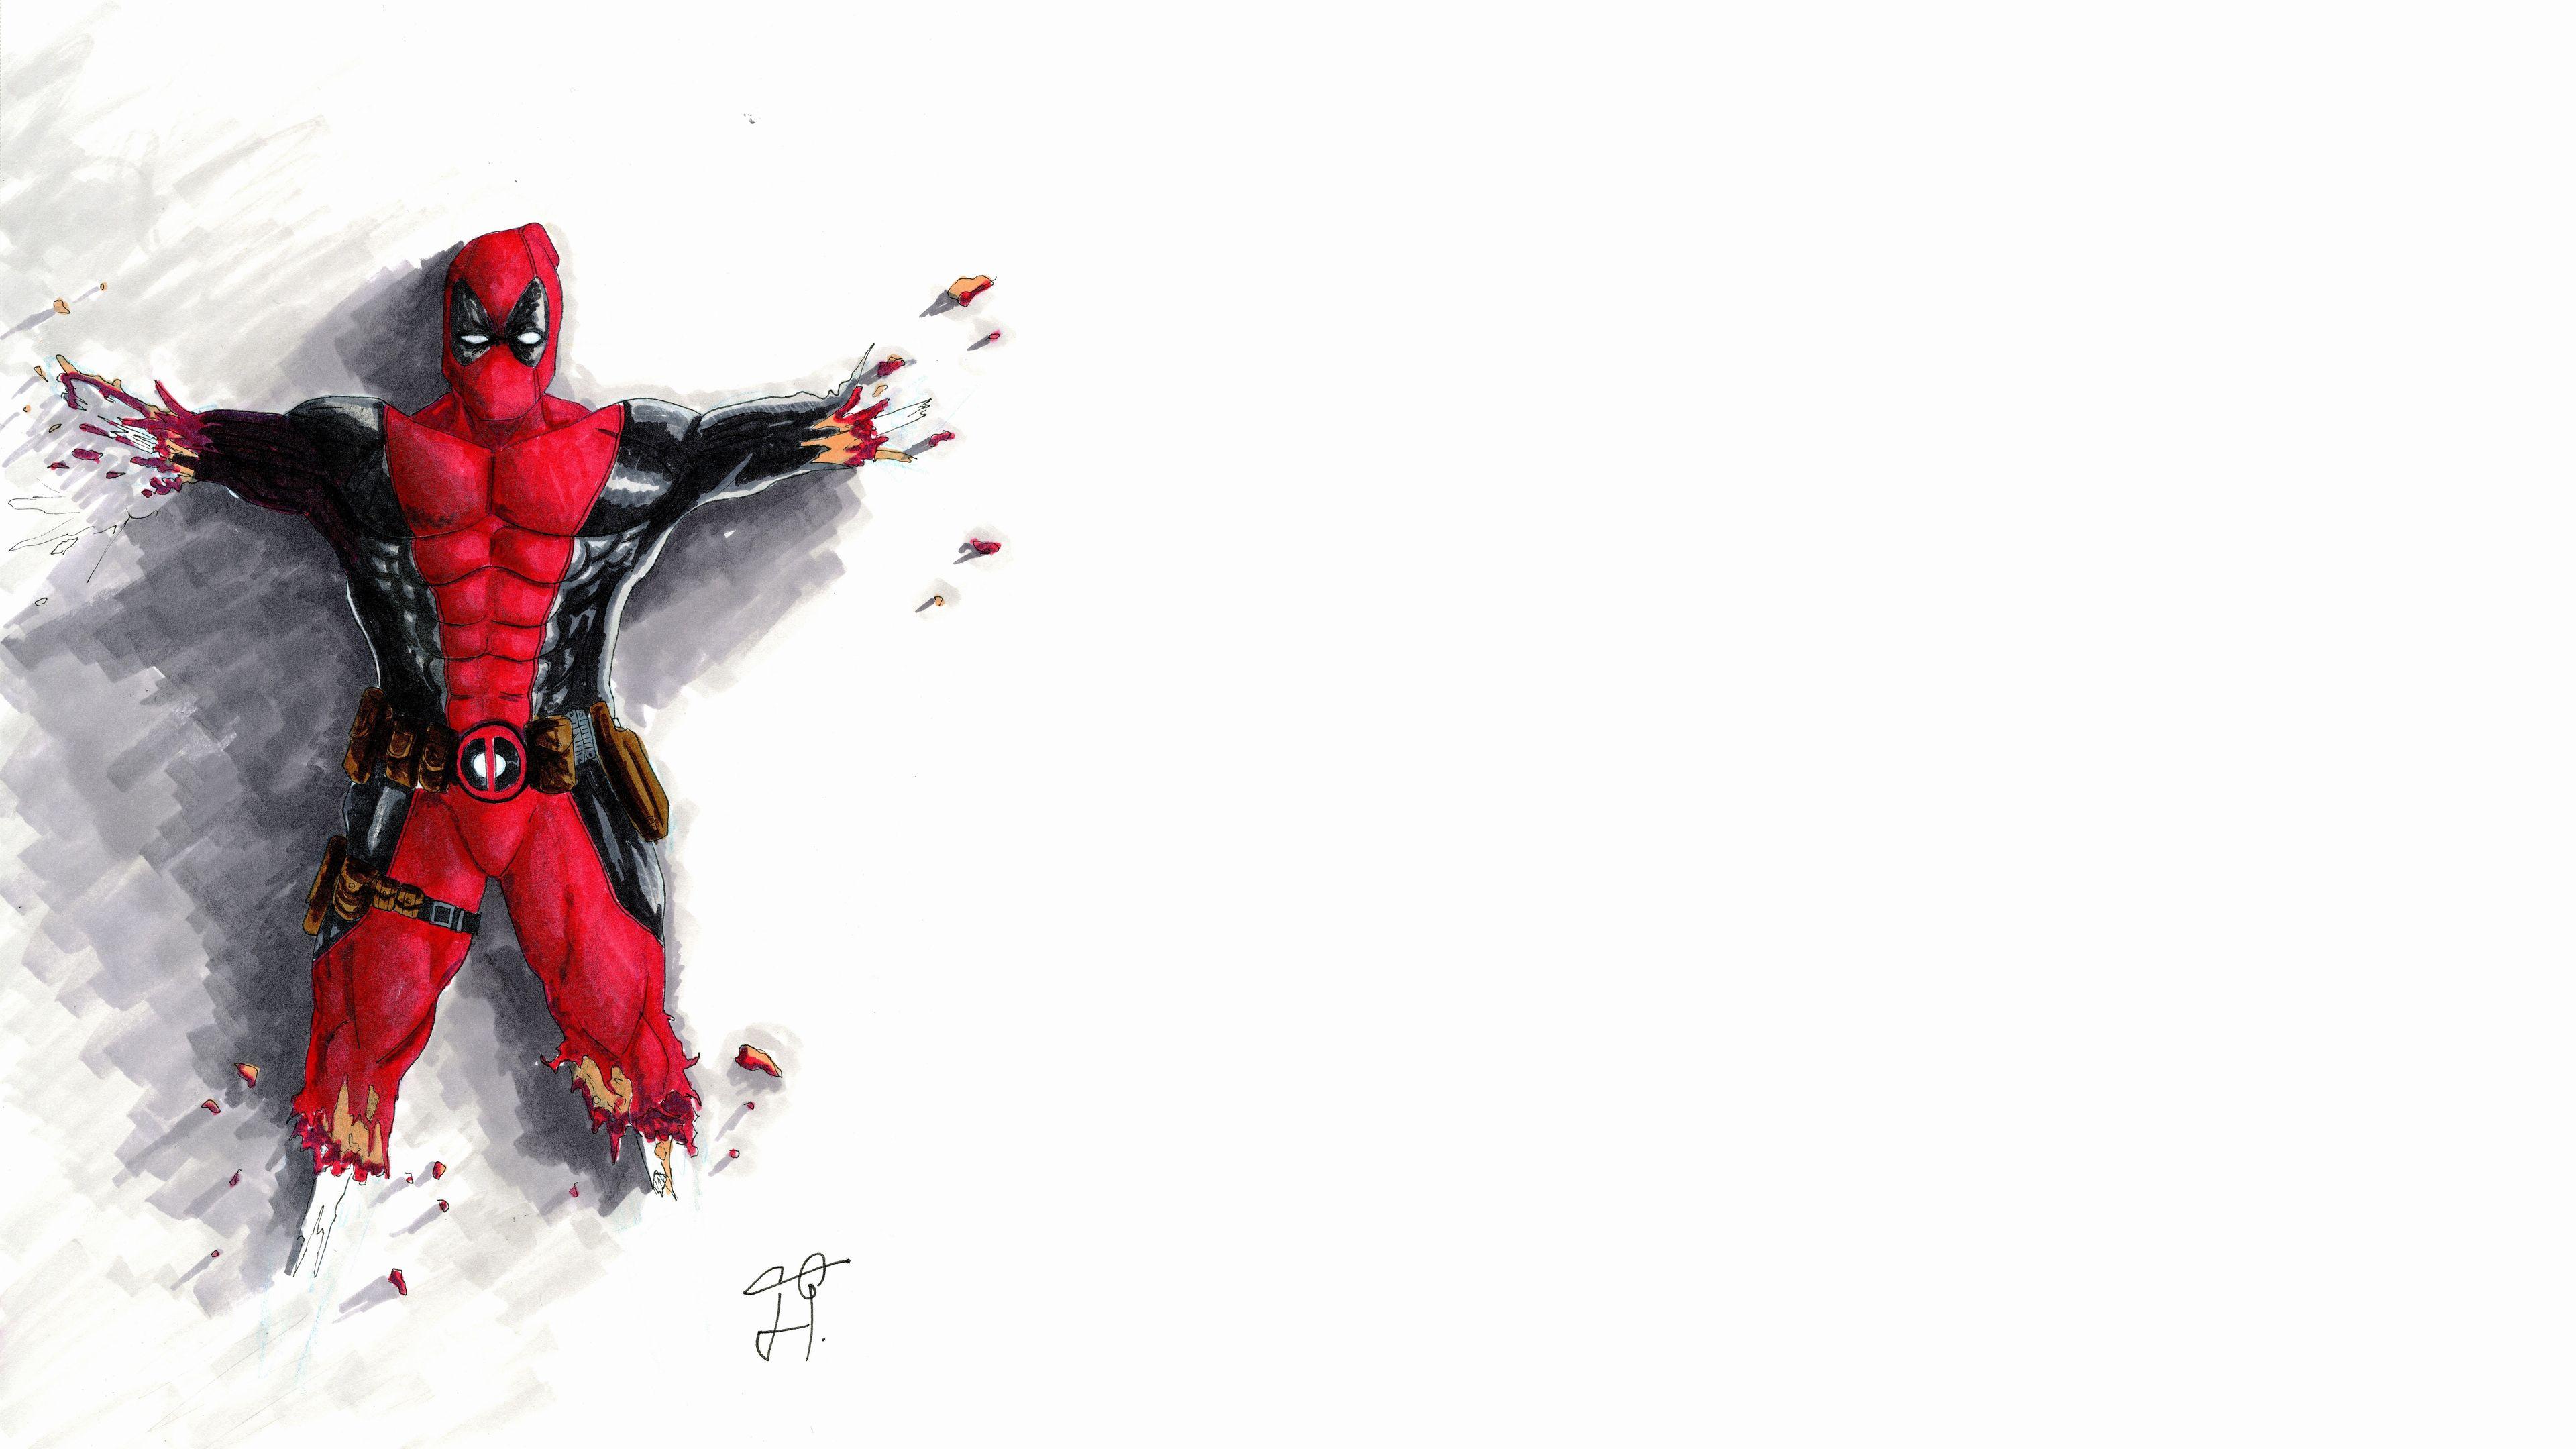 deadpool 10 artwork 1536521801 - Deadpool 10 Artwork - superheroes wallpapers, hd-wallpapers, deadpool wallpapers, deadpool 2 wallpapers, artwork wallpapers, artist wallpapers, 8k wallpapers, 5k wallpapers, 4k-wallpapers, 10k wallpapers